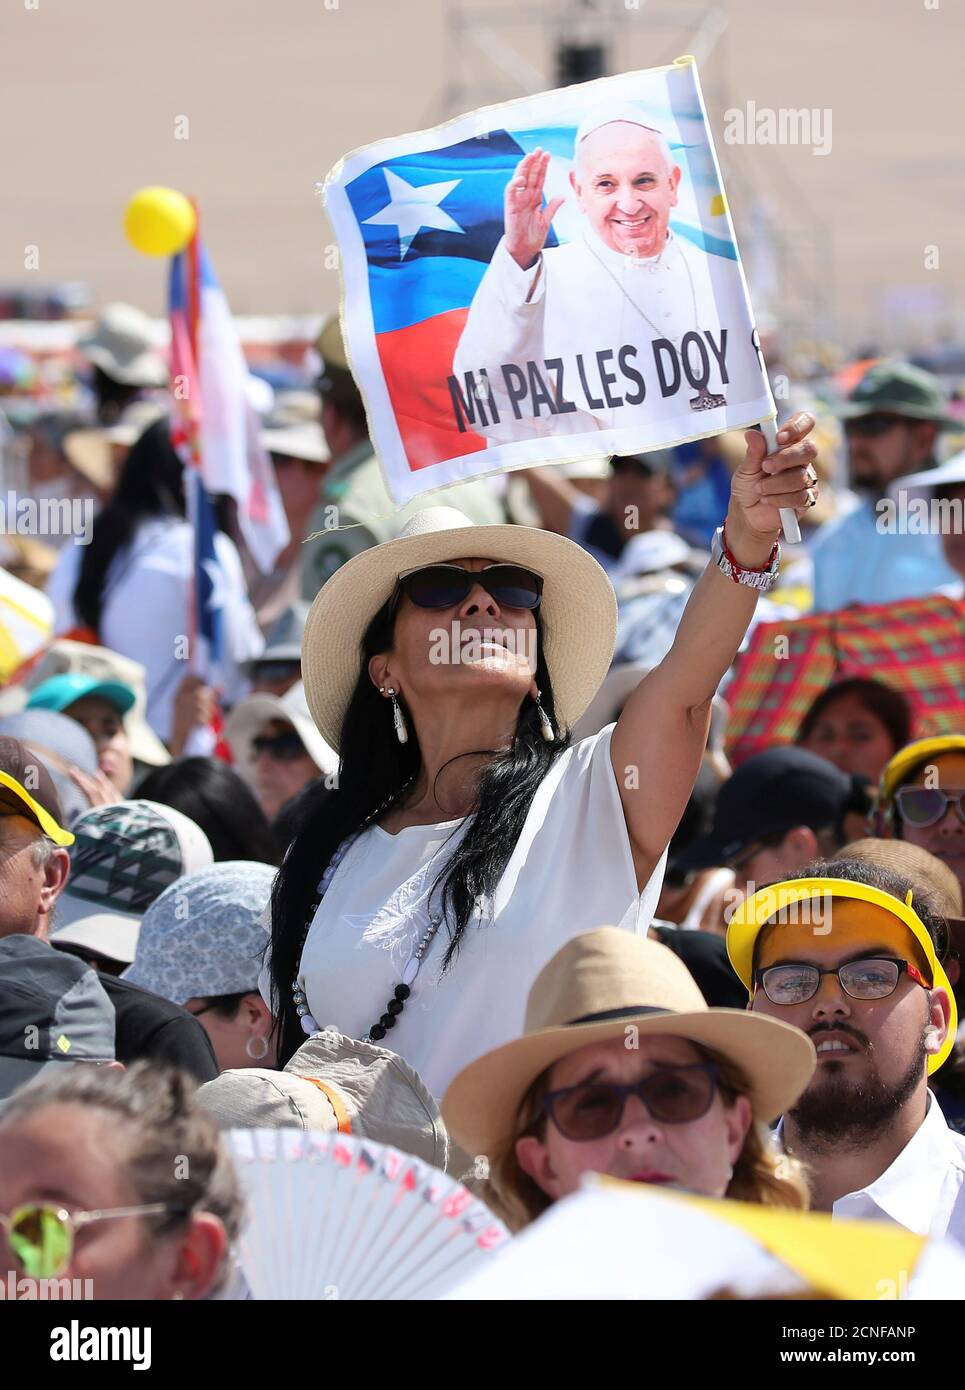 Una mujer vuela una bandera mientras el Papa Francisco llega para dirigir una misa en la playa de Lobito en Iquique, Chile, el 18 de enero de 2018. REUTERS/Alessandro Bianchi Foto de stock